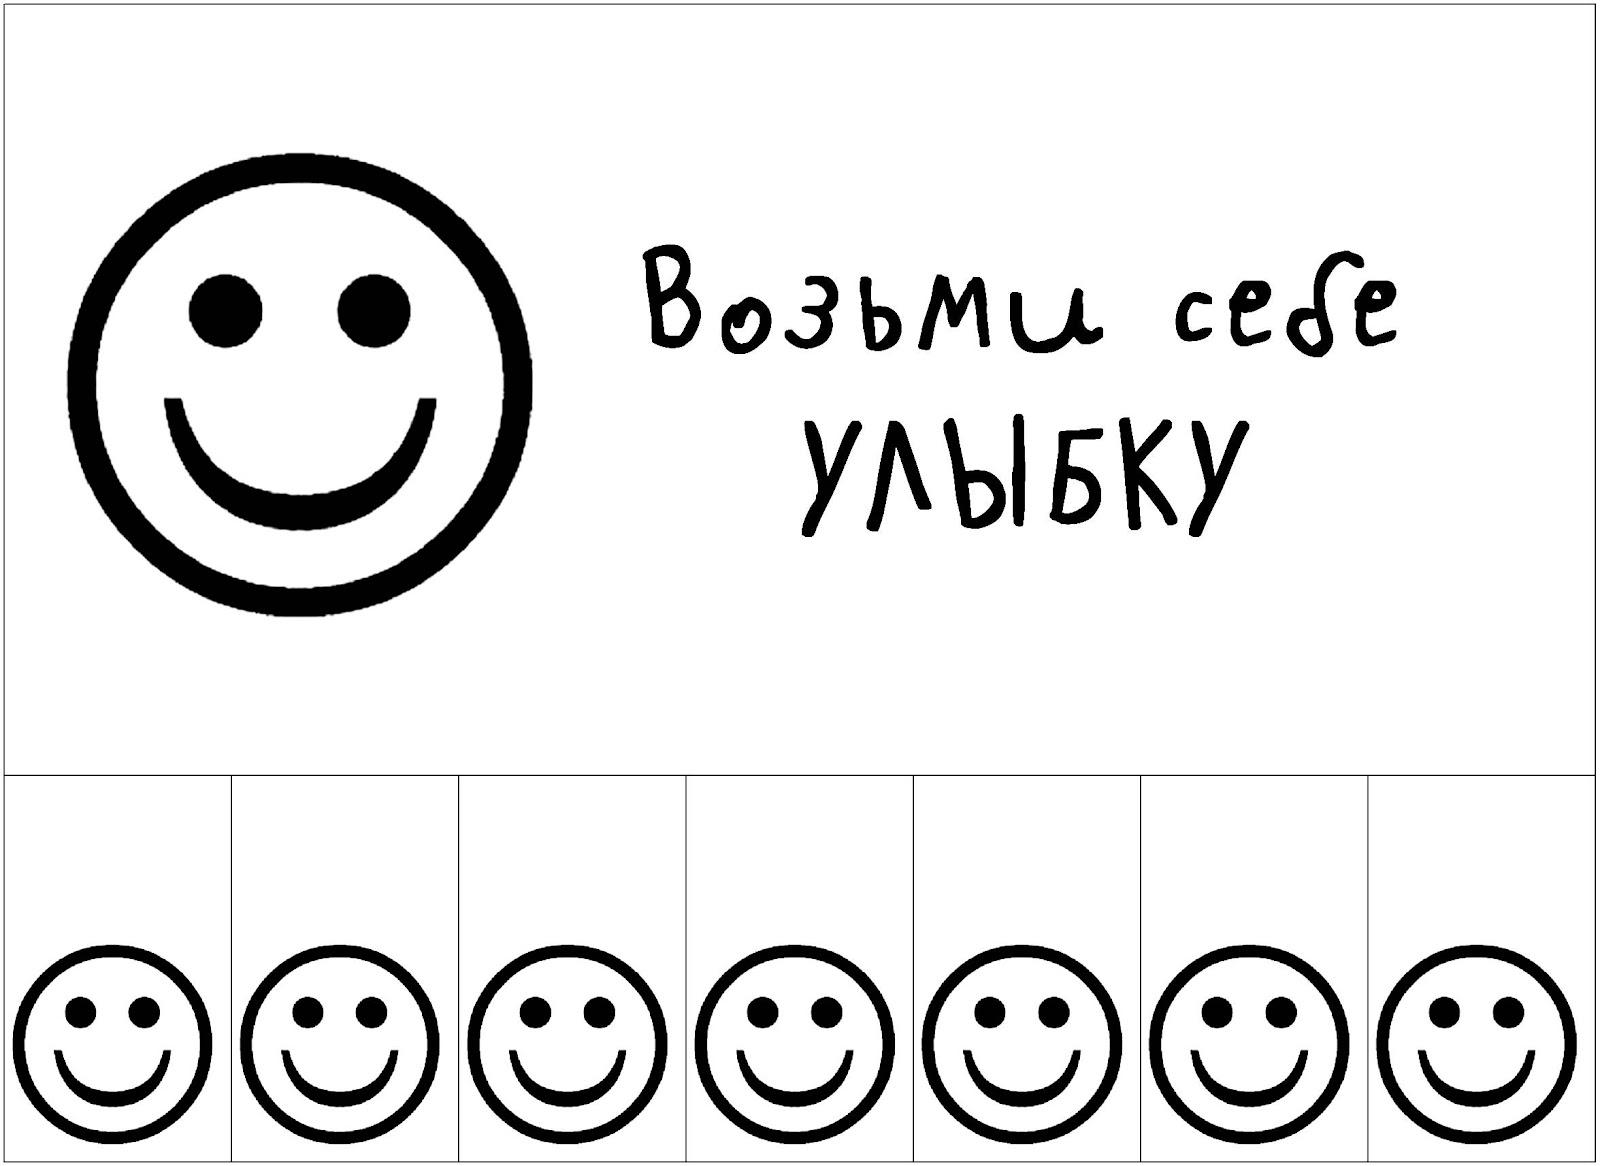 объявление возьми себе улыбку